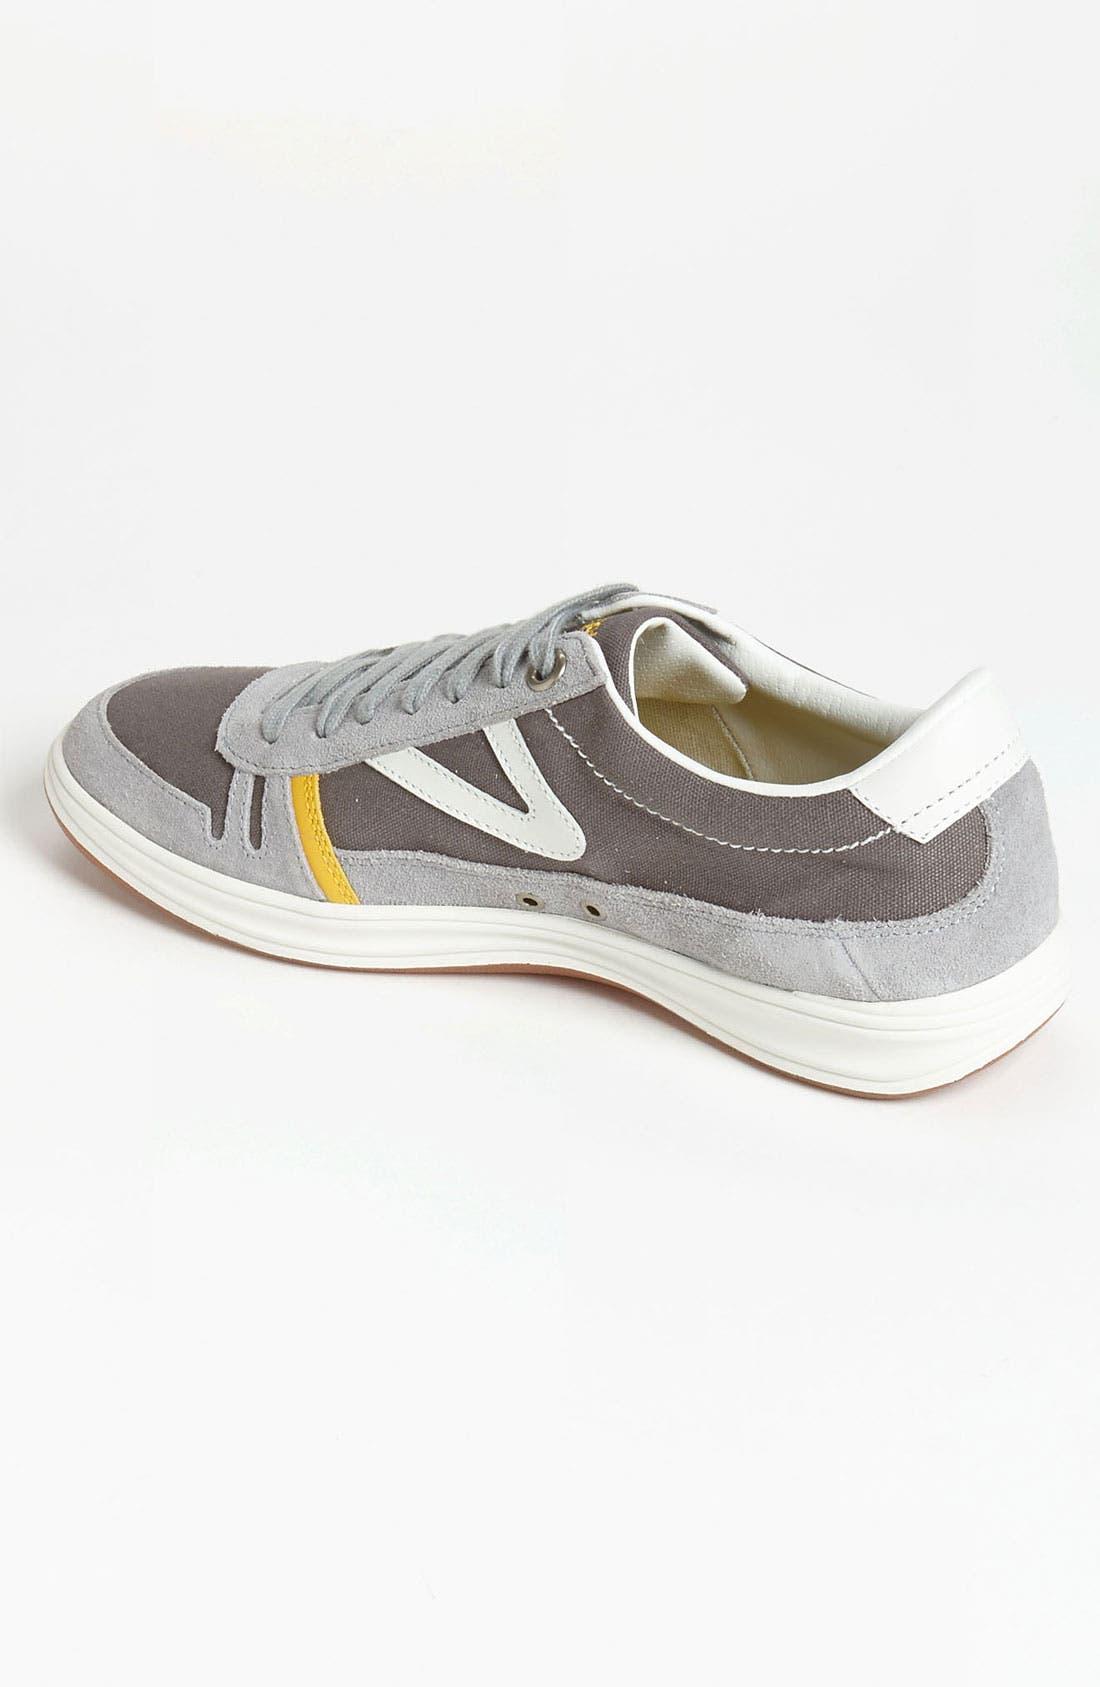 Alternate Image 2  - Tretorn 'Rodlera' Sneaker (Men)